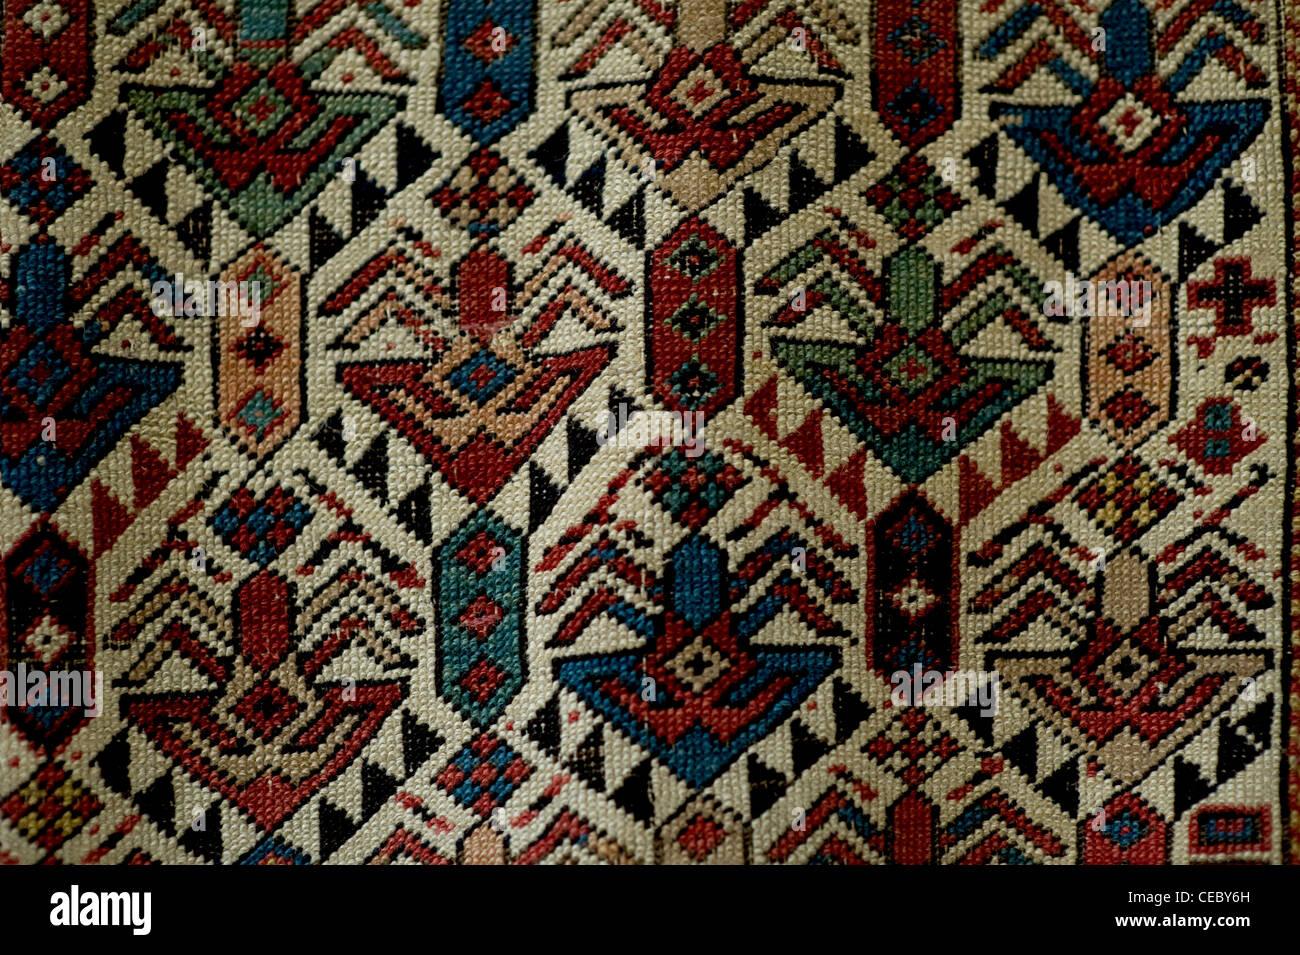 Antiguas alfombras persas alfombras tejidas a mano foto - Alfombras persas barcelona ...